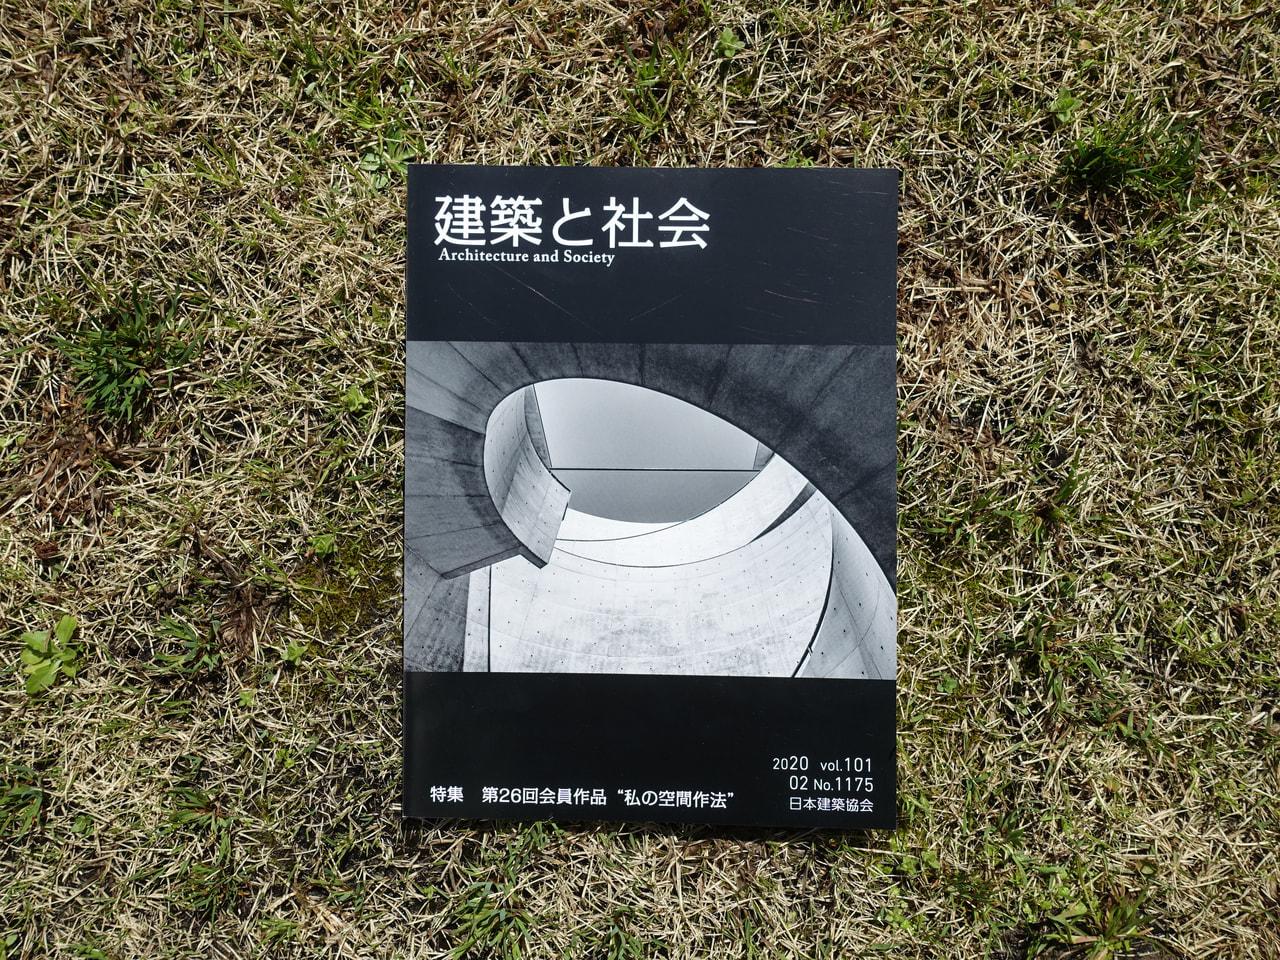 『建築と社会』に建築・都市デザイン研究室が設計、施工した「パブリックスペースに入り込む小さなもの」が掲載